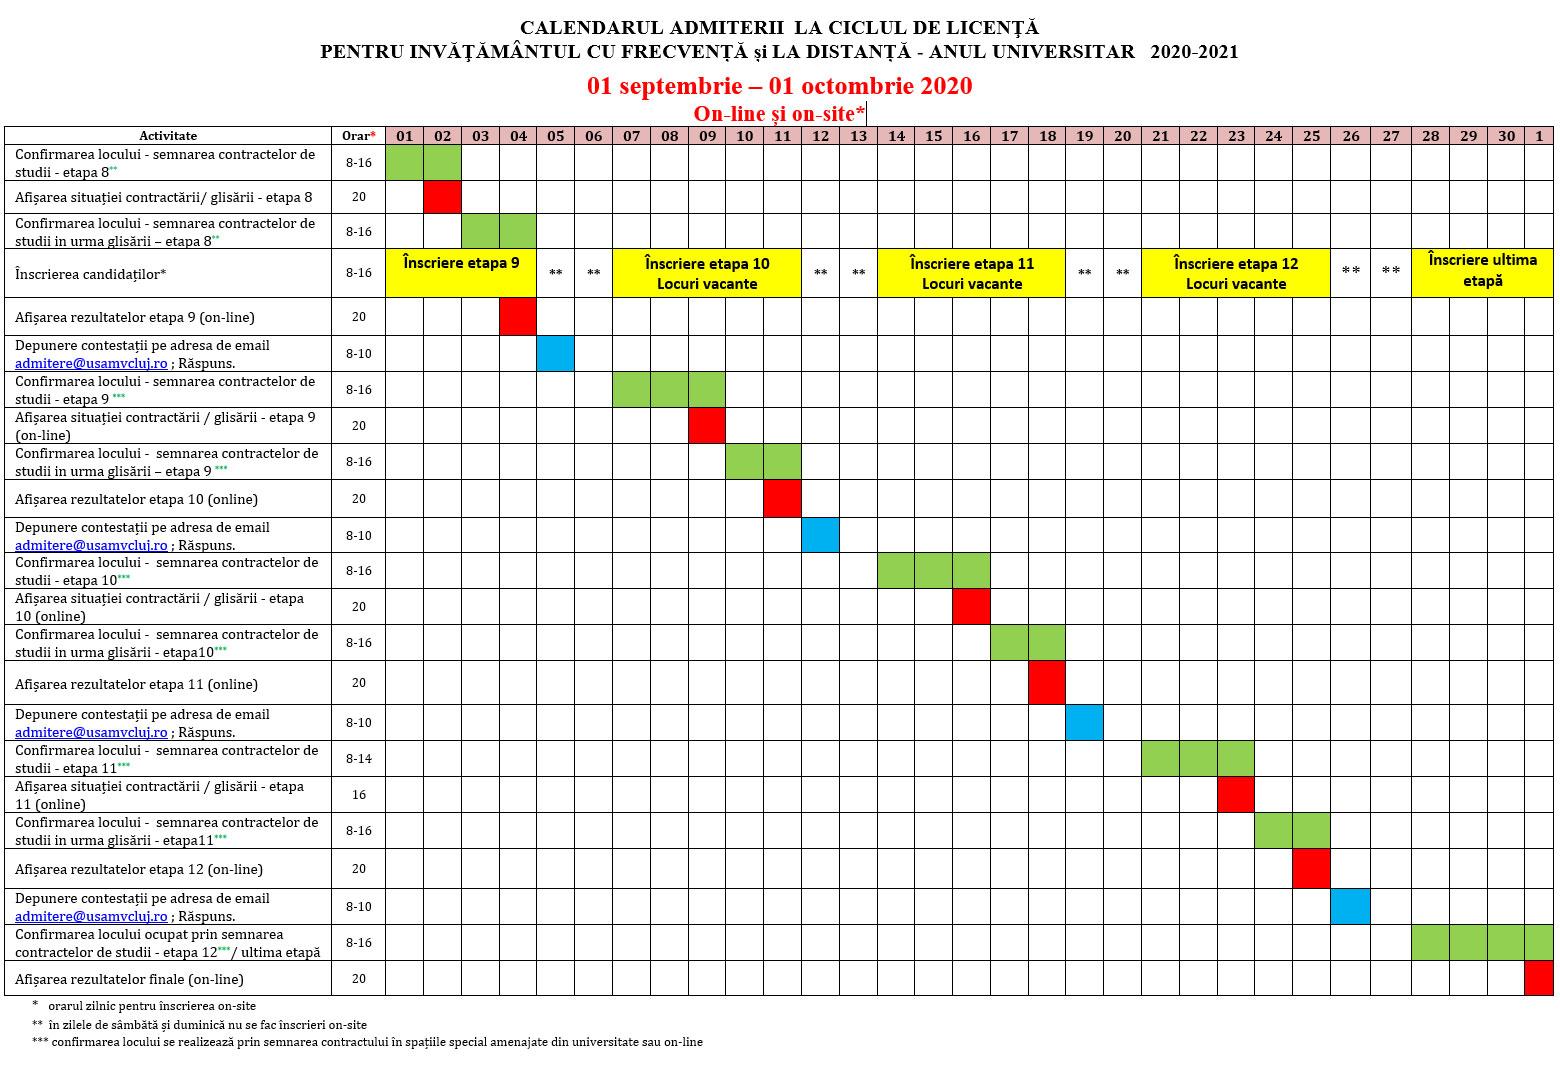 calendar-admitere-licenta-septembrie-2020